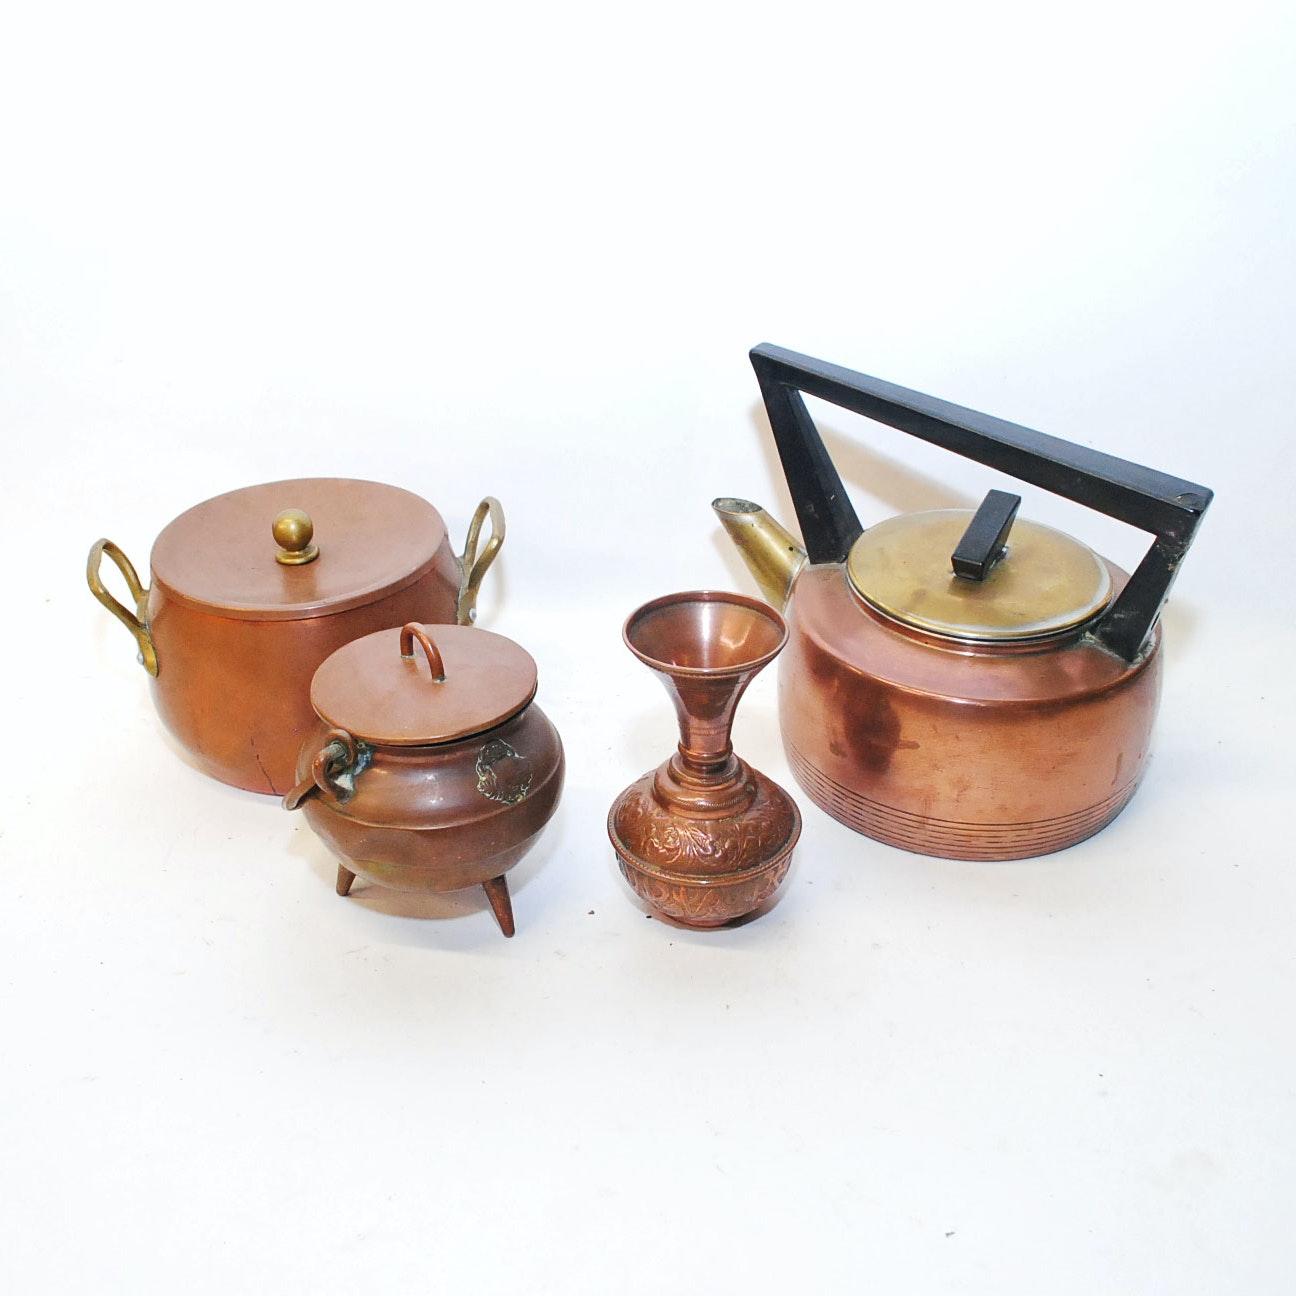 Copper Kitchenware Including Saint Louis